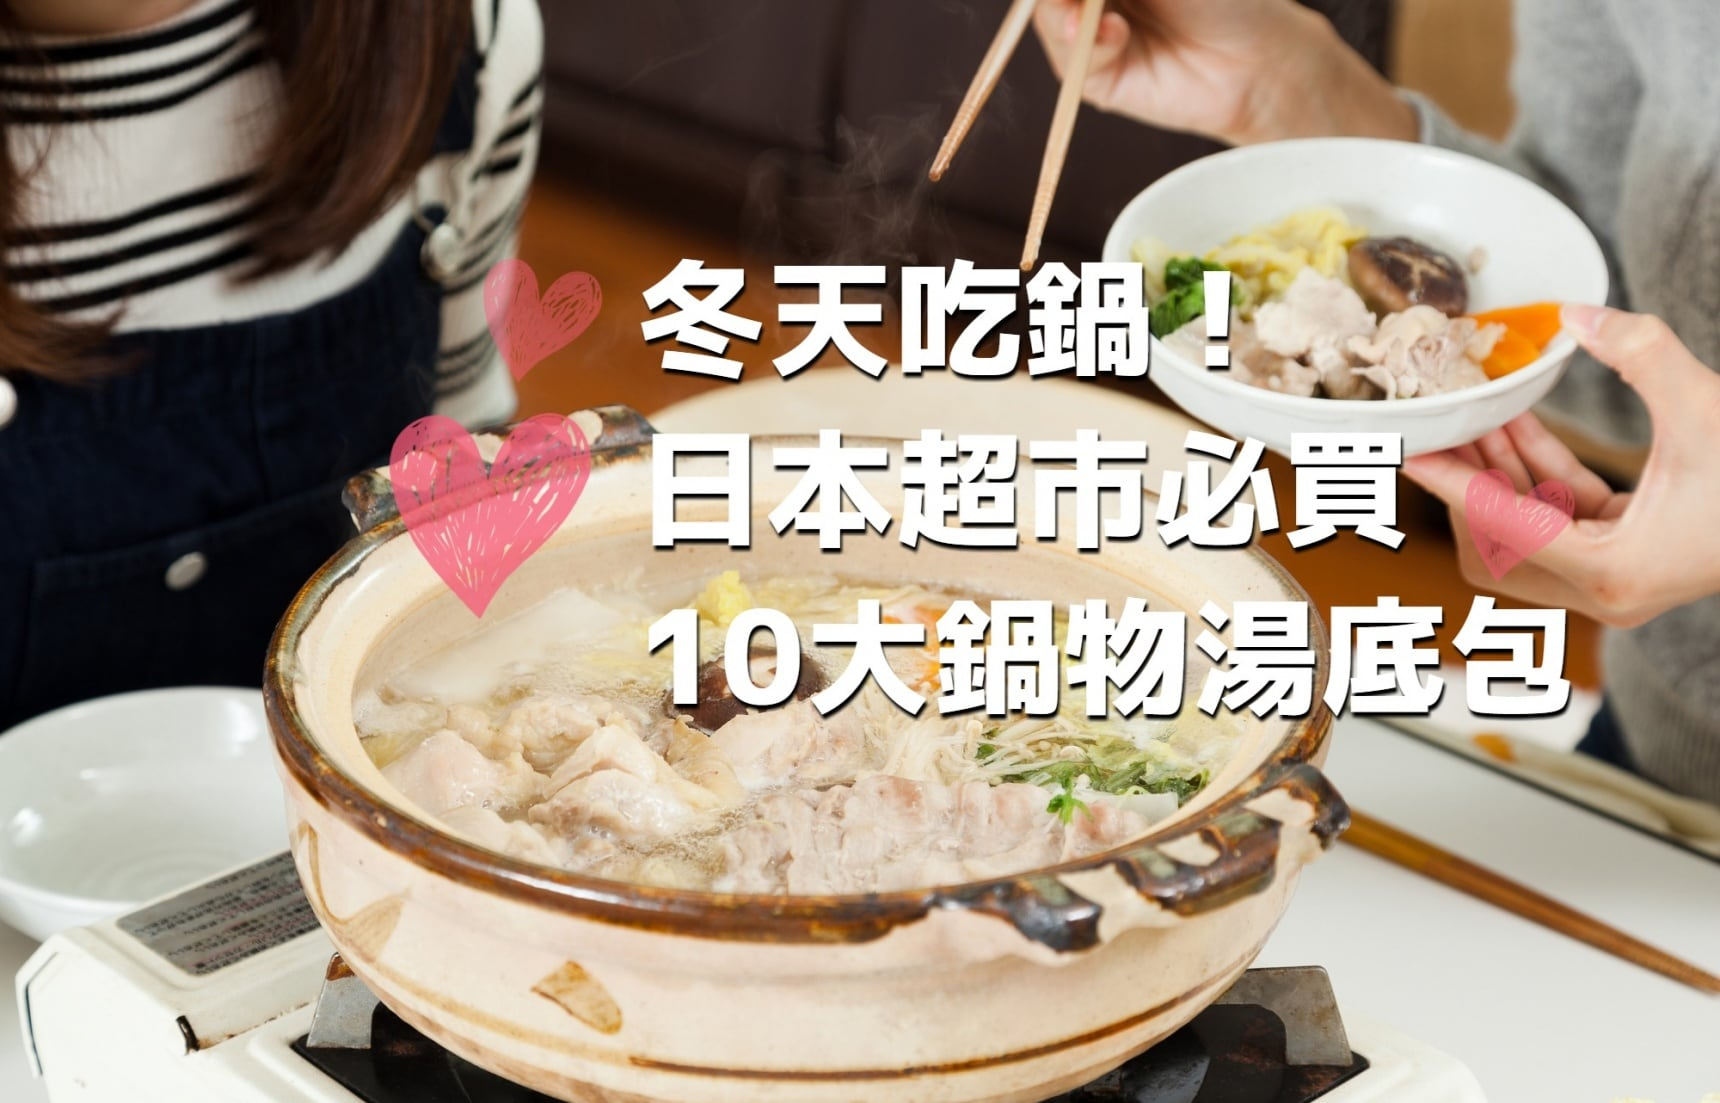 【日本超市必買】冬天最想吃!10大鍋物湯底包大推薦